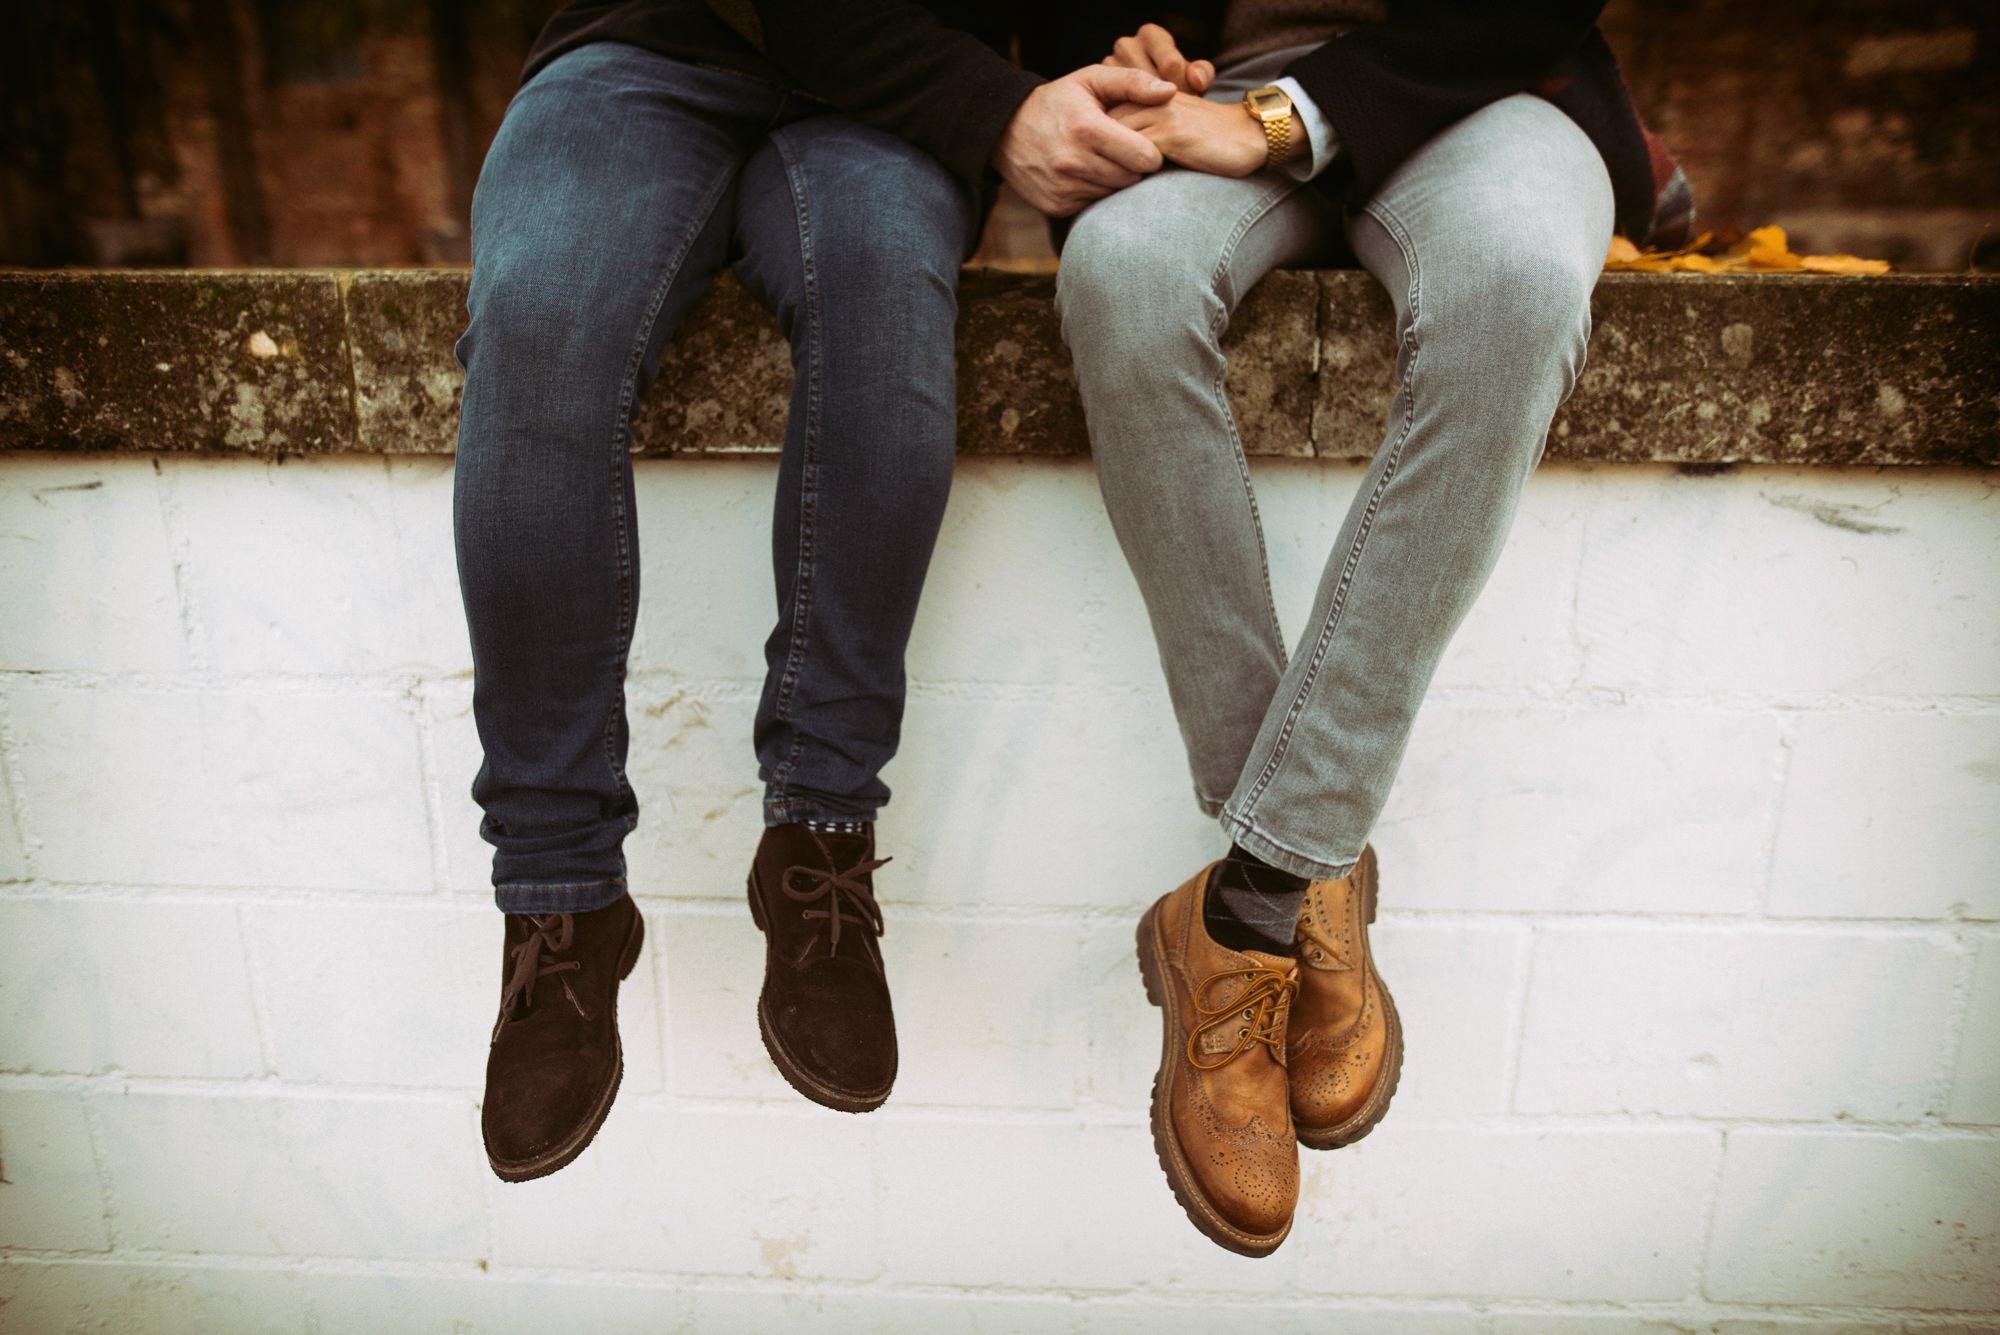 samesex couple photos italy 029 - Same-Sex Couple Photos Italy - Luca & Filippo